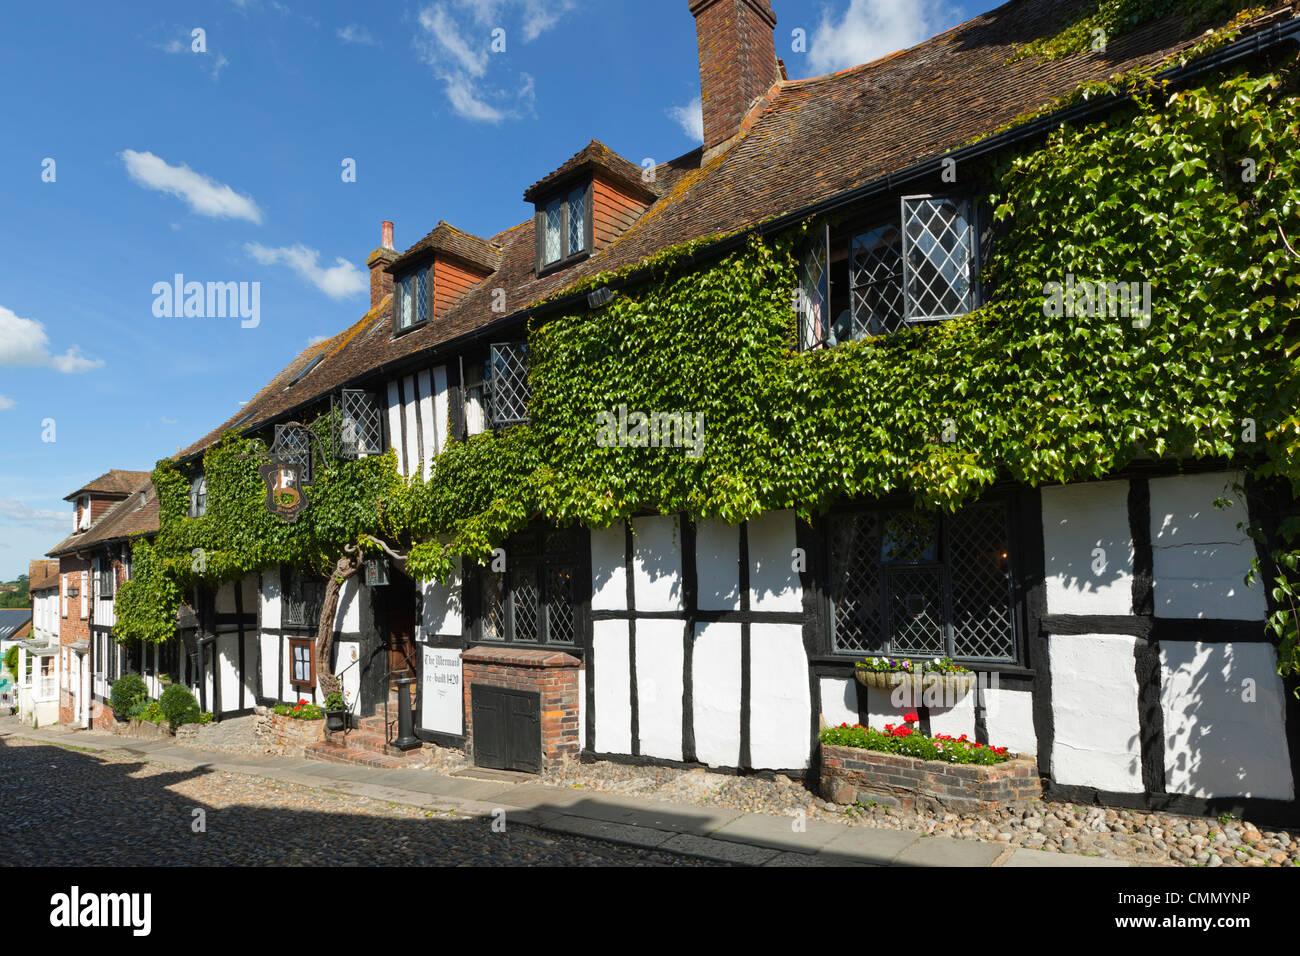 Mermaid Inn, Mermaid Street, Rye, East Sussex, England, United Kingdom, Europe - Stock Image